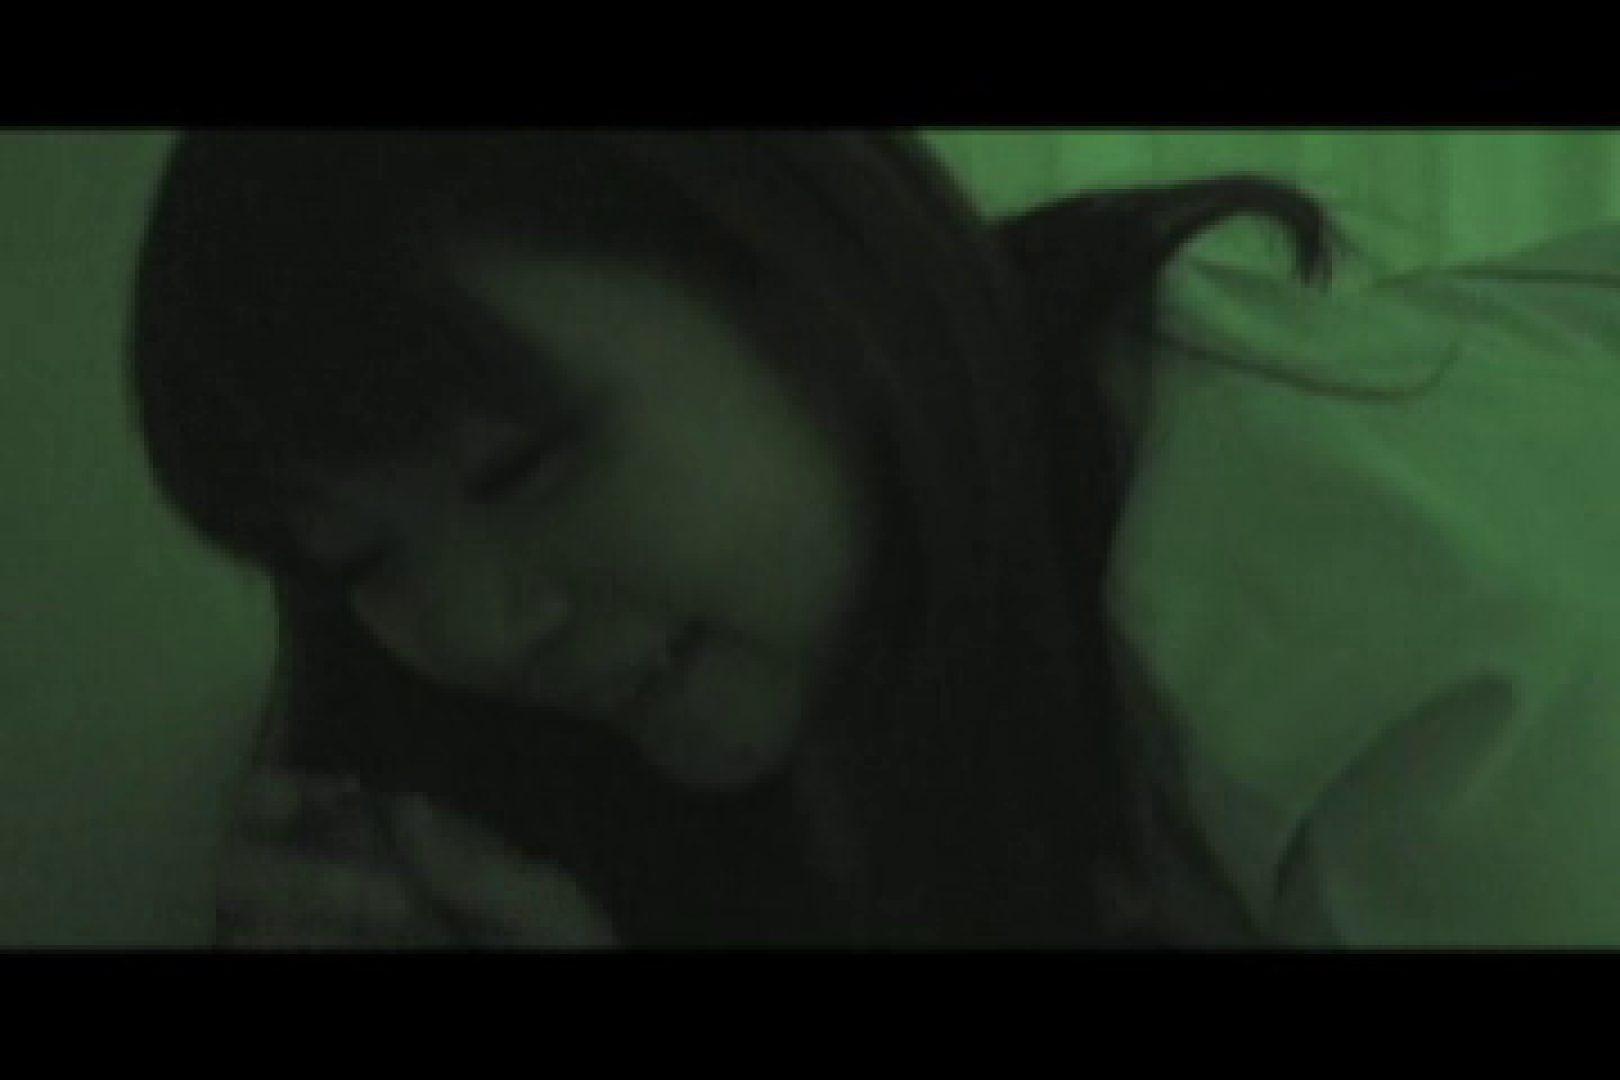 ヤリマンと呼ばれた看護士さんvol3 厠隠し撮り ワレメ動画紹介 72pic 43